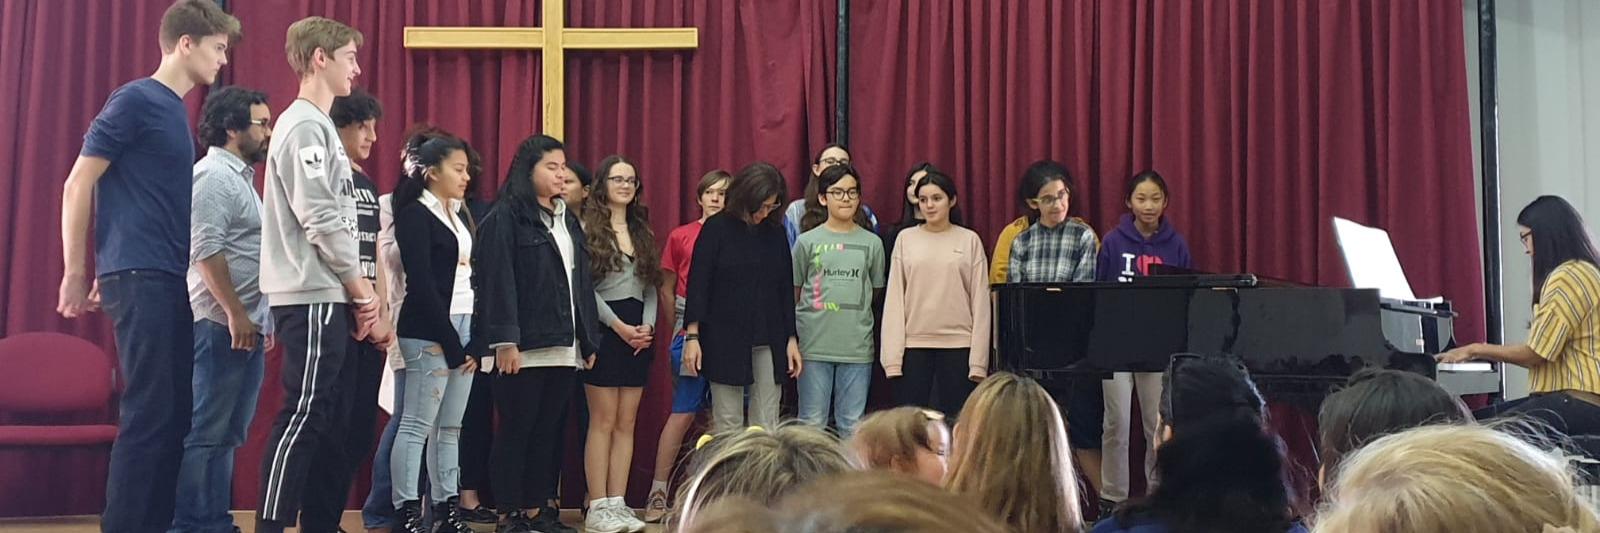 El Coro El Porvenir culmina el curso con una actuación colaborando con la Fundación Alicia y Guillermo